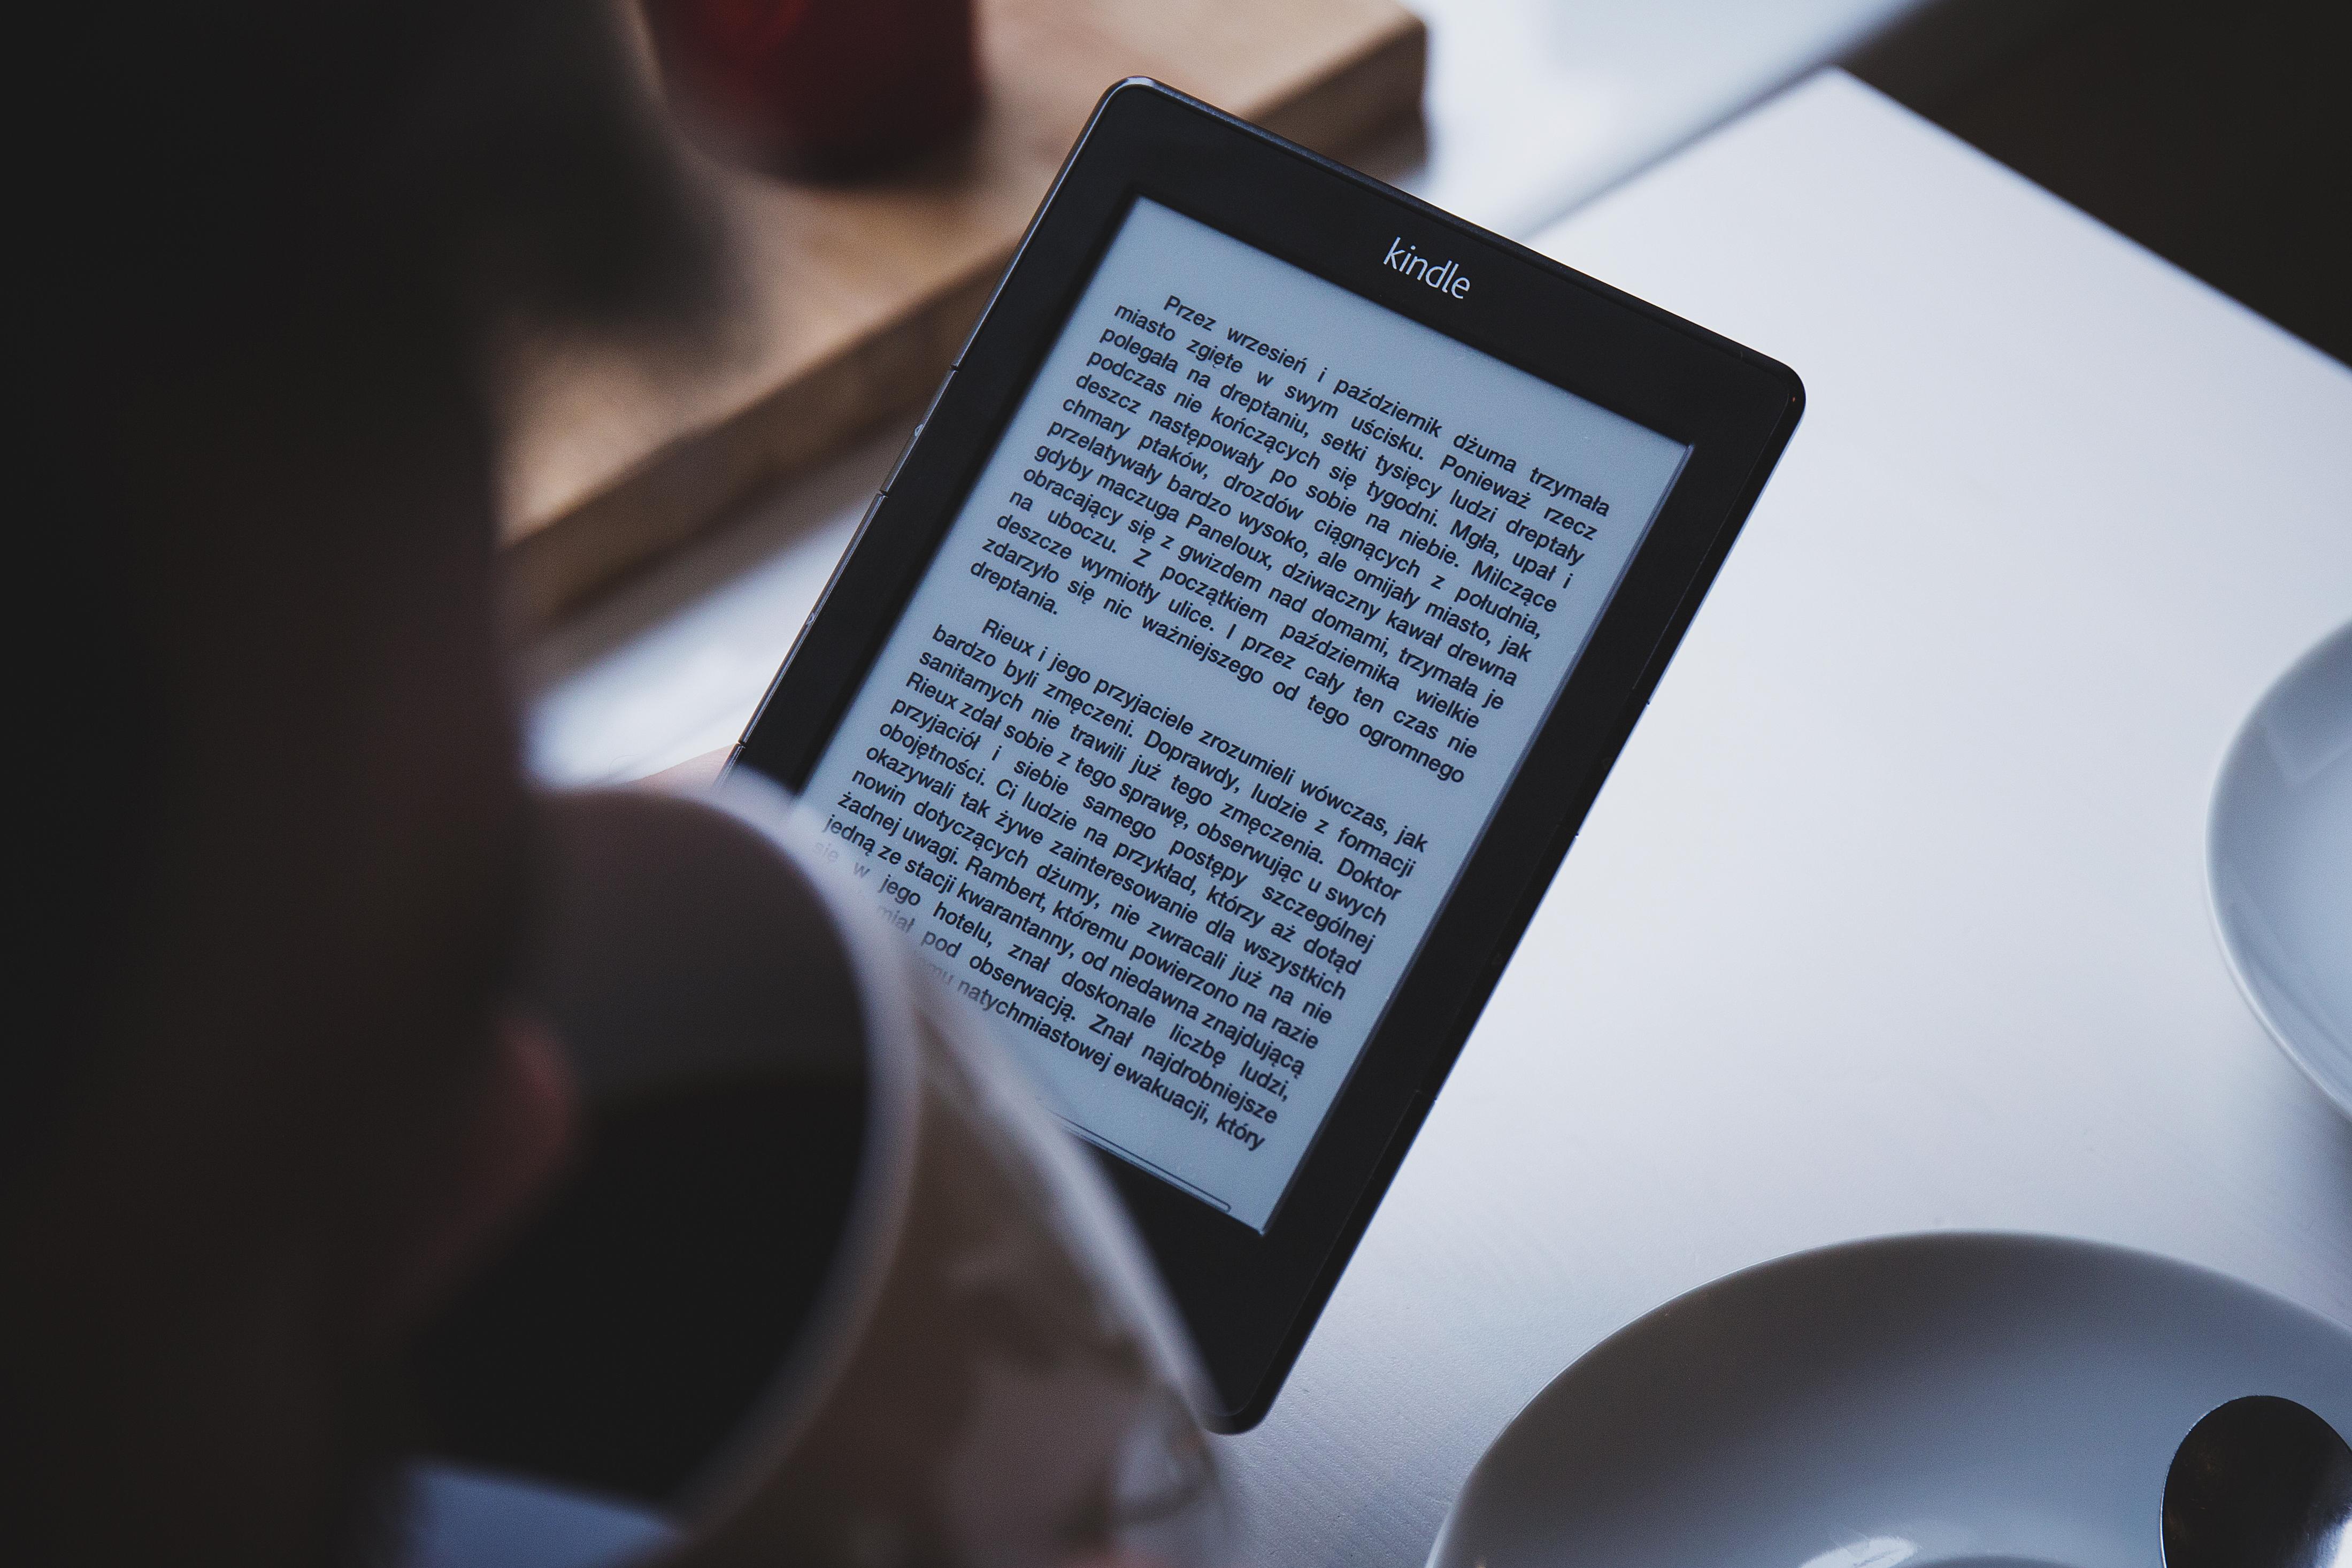 Co czytać? Najciekawsze ebooki ostatnich tygodni – TOP 7